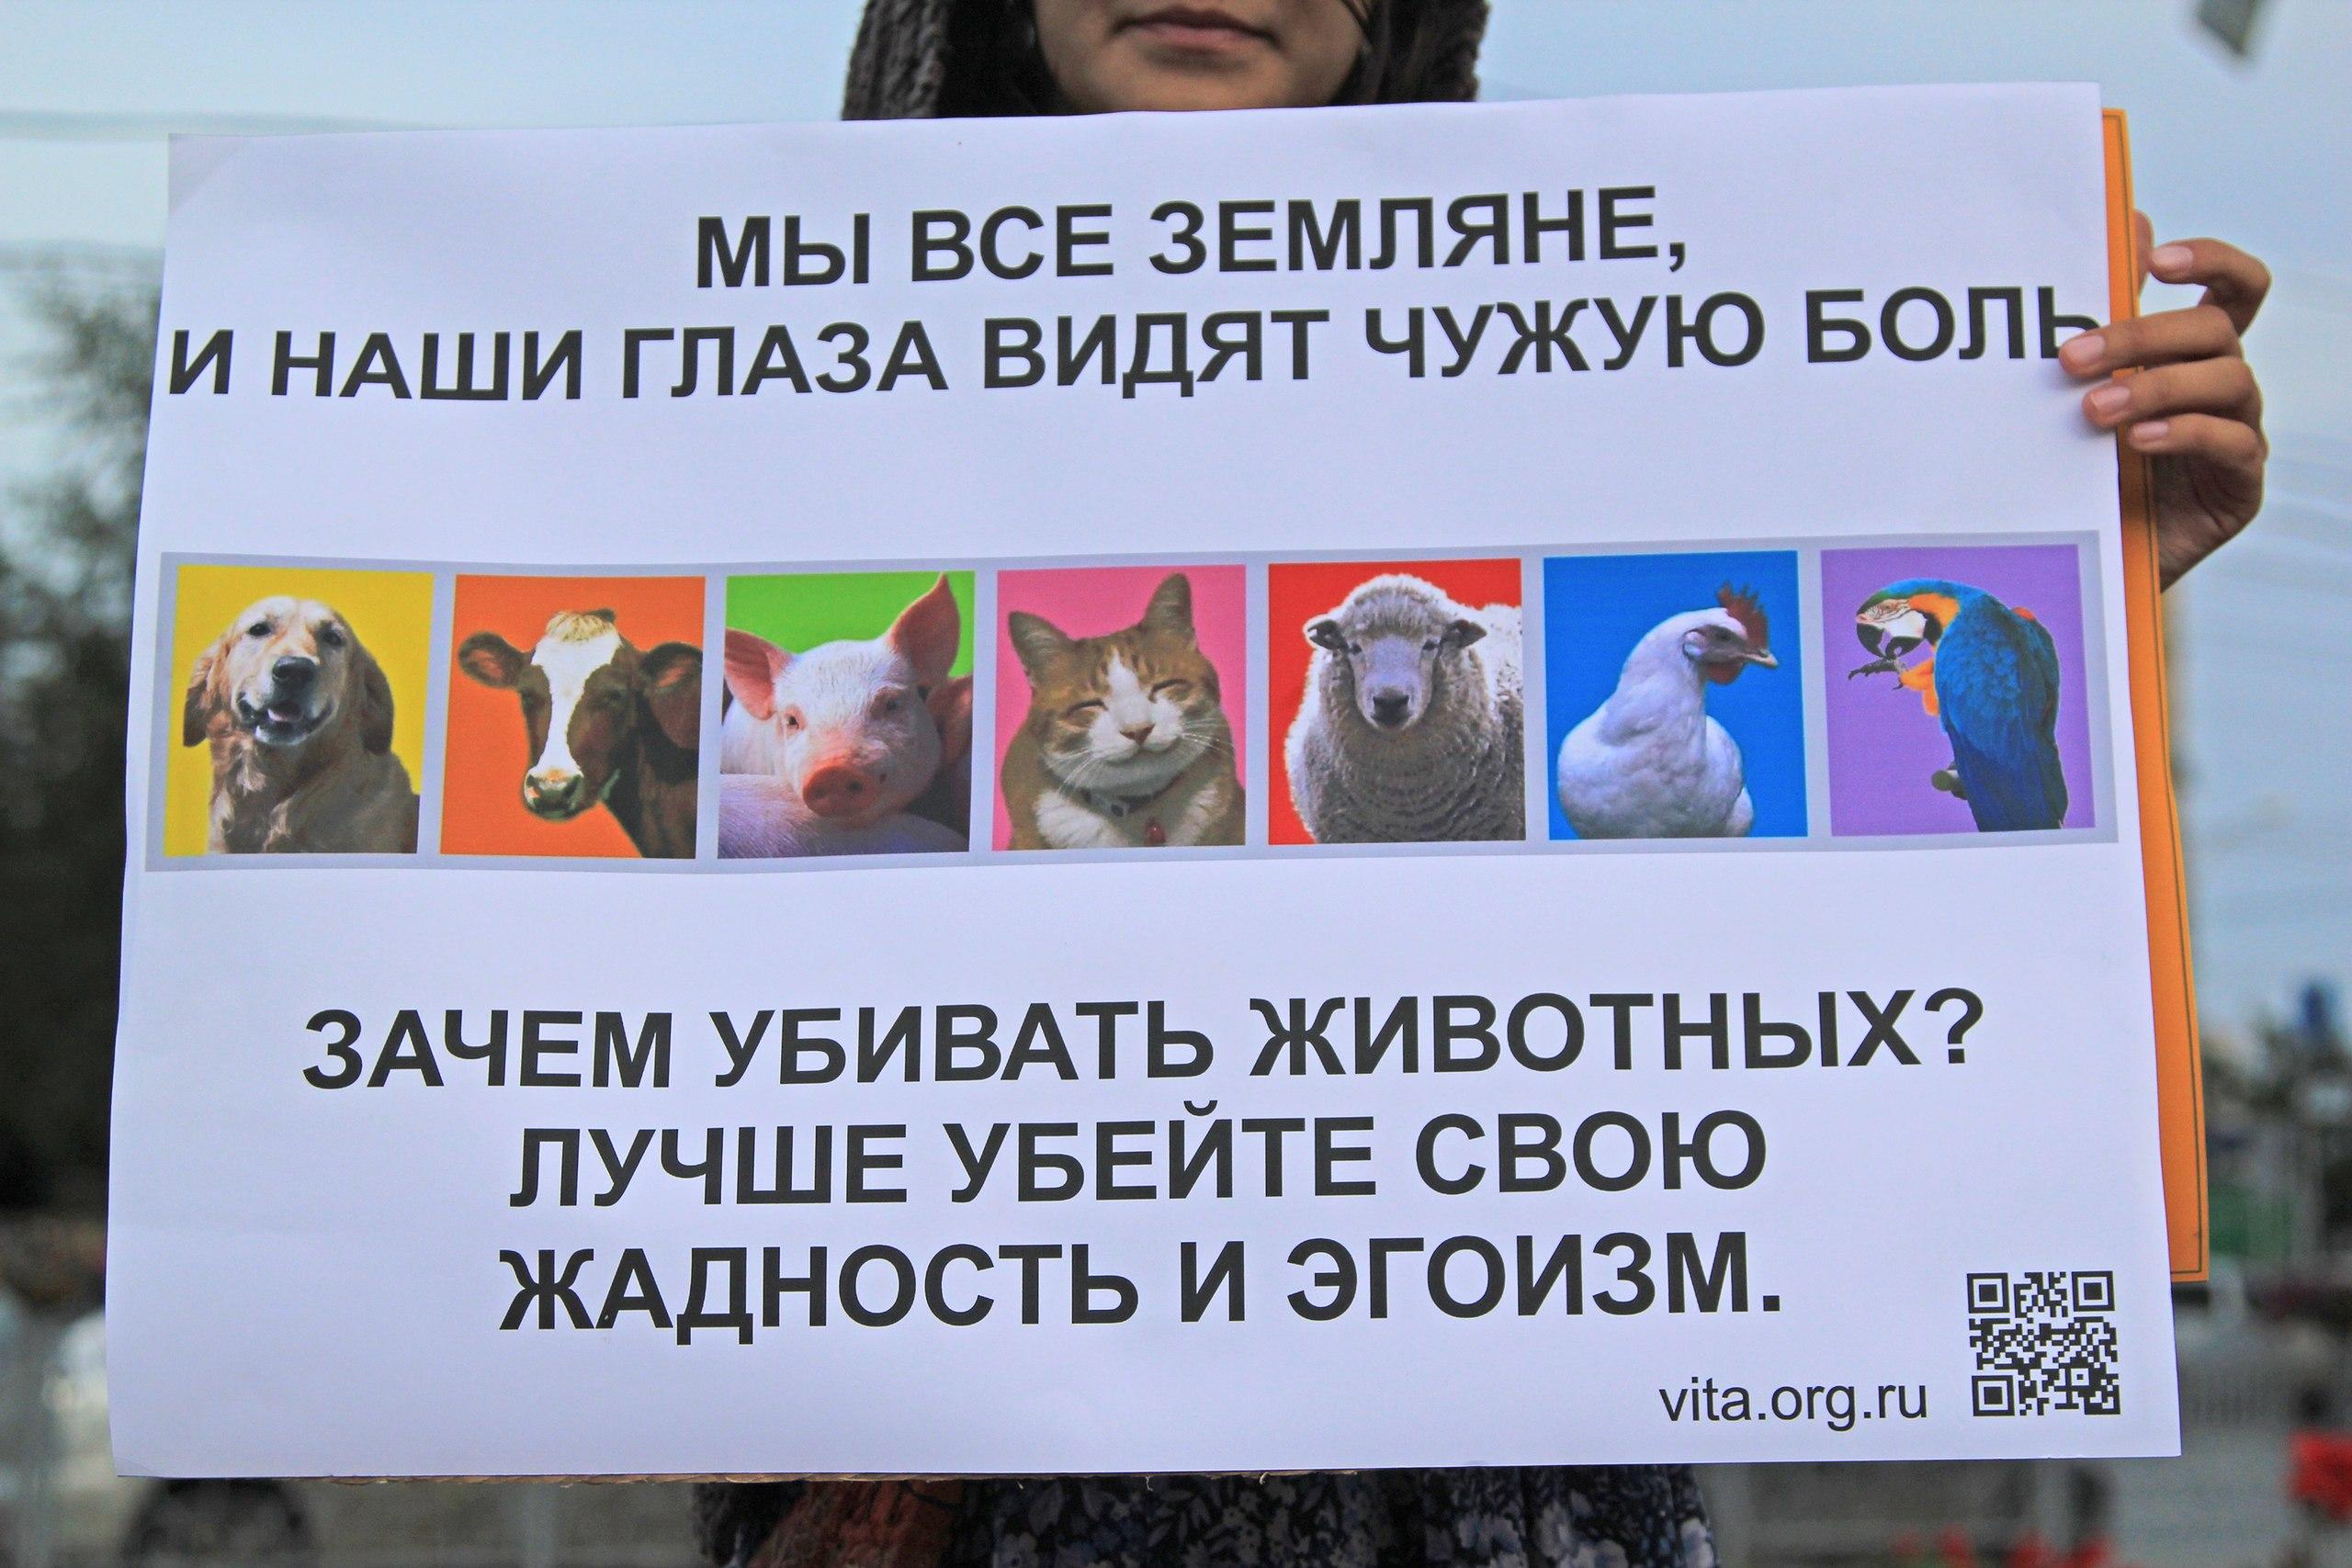 Мы все Земляне – Новосибирск 24.08.2013